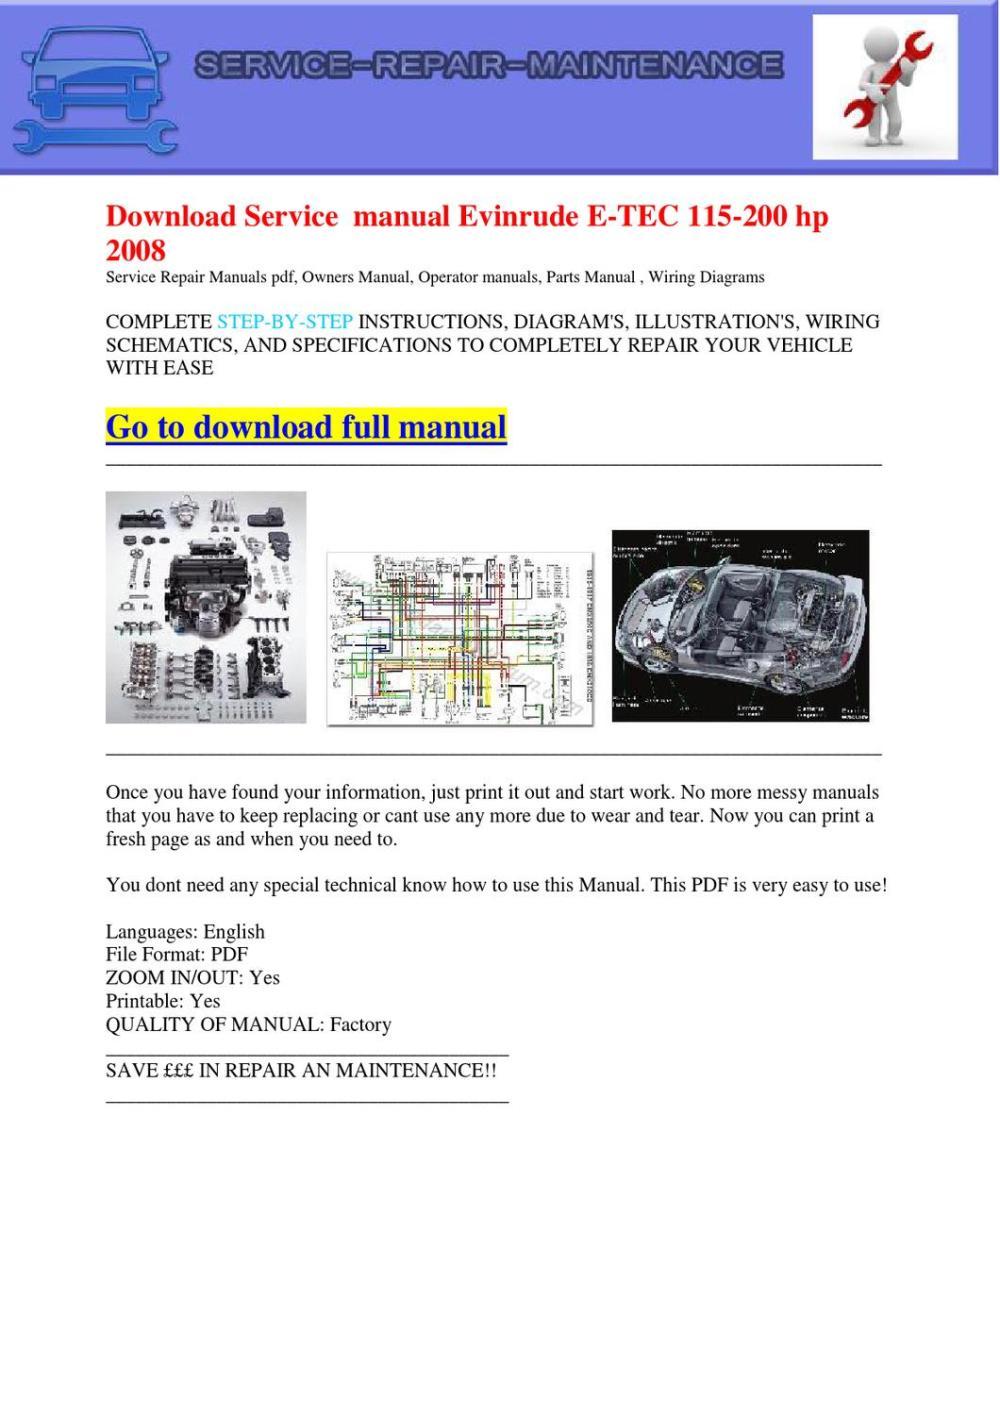 medium resolution of download service manual evinrude e tec 115 200 hp 2008